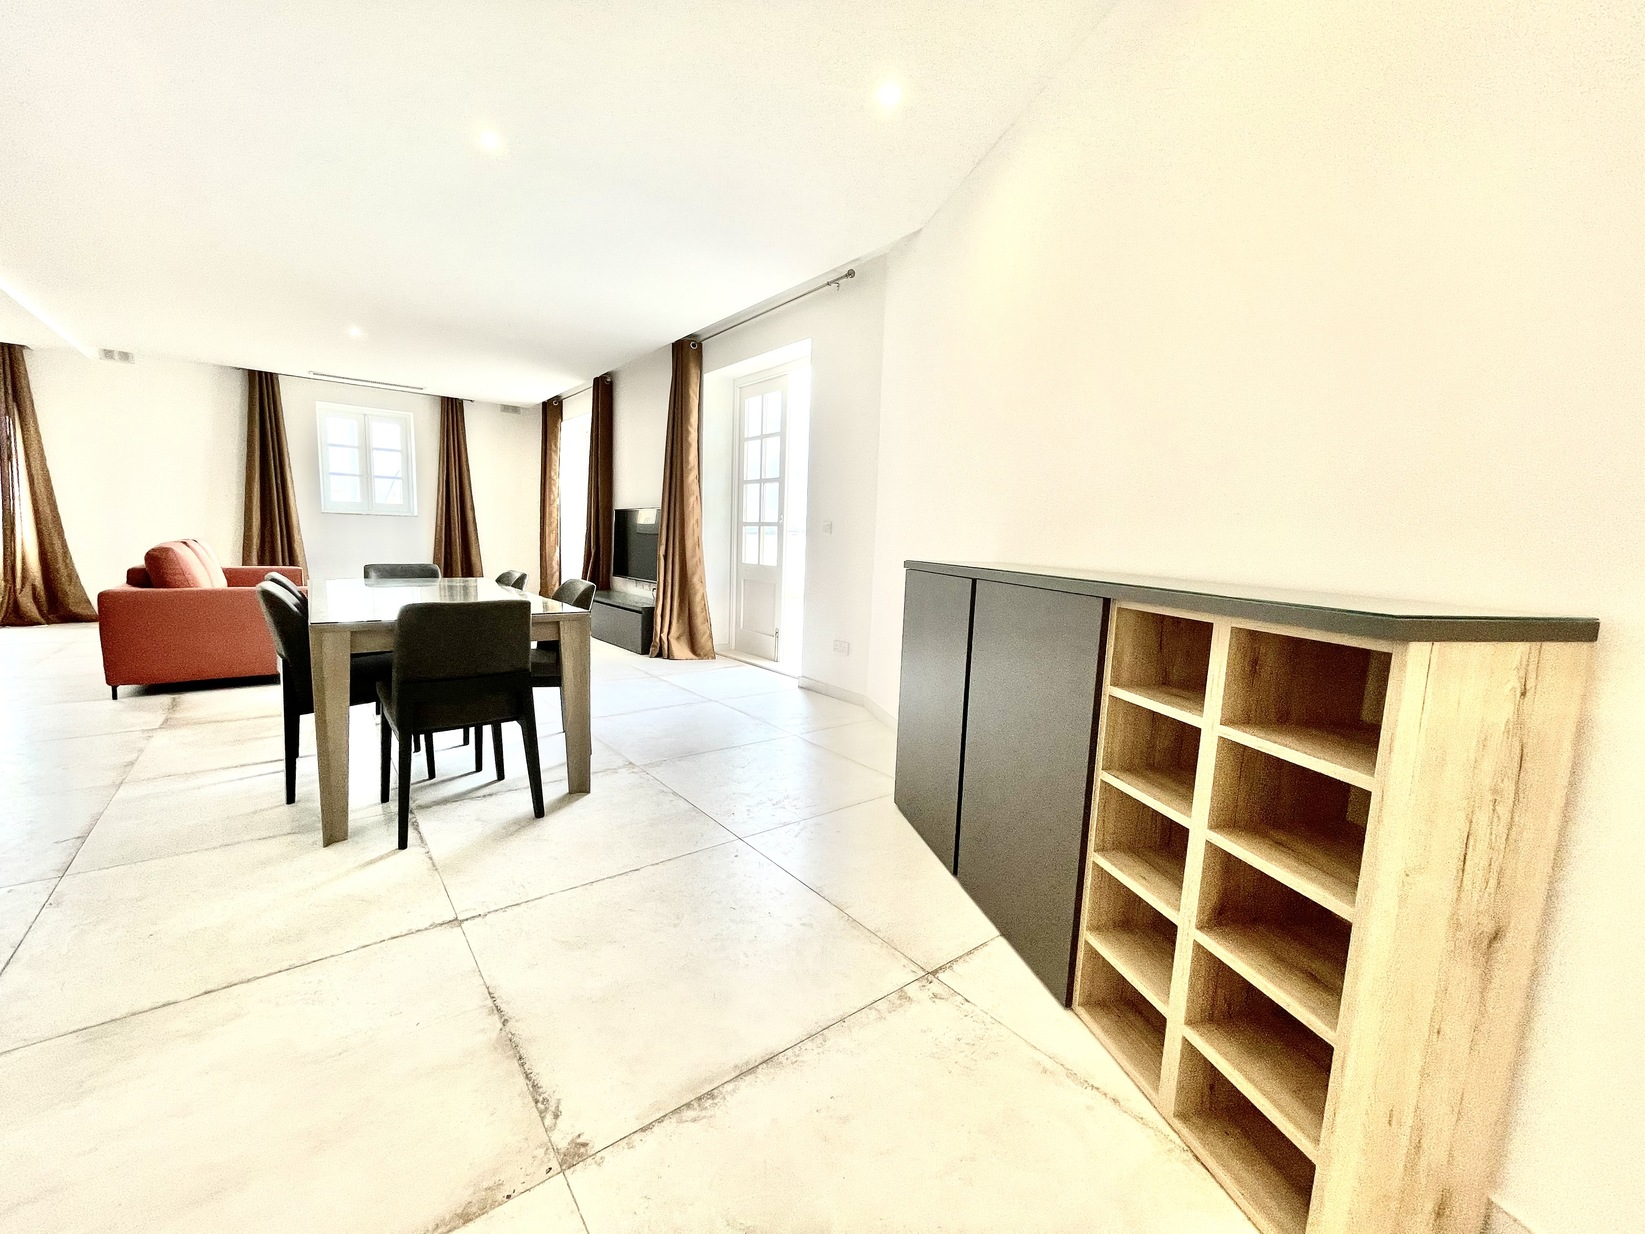 3 bed Apartment For Rent in Kalkara, Kalkara - thumb 8